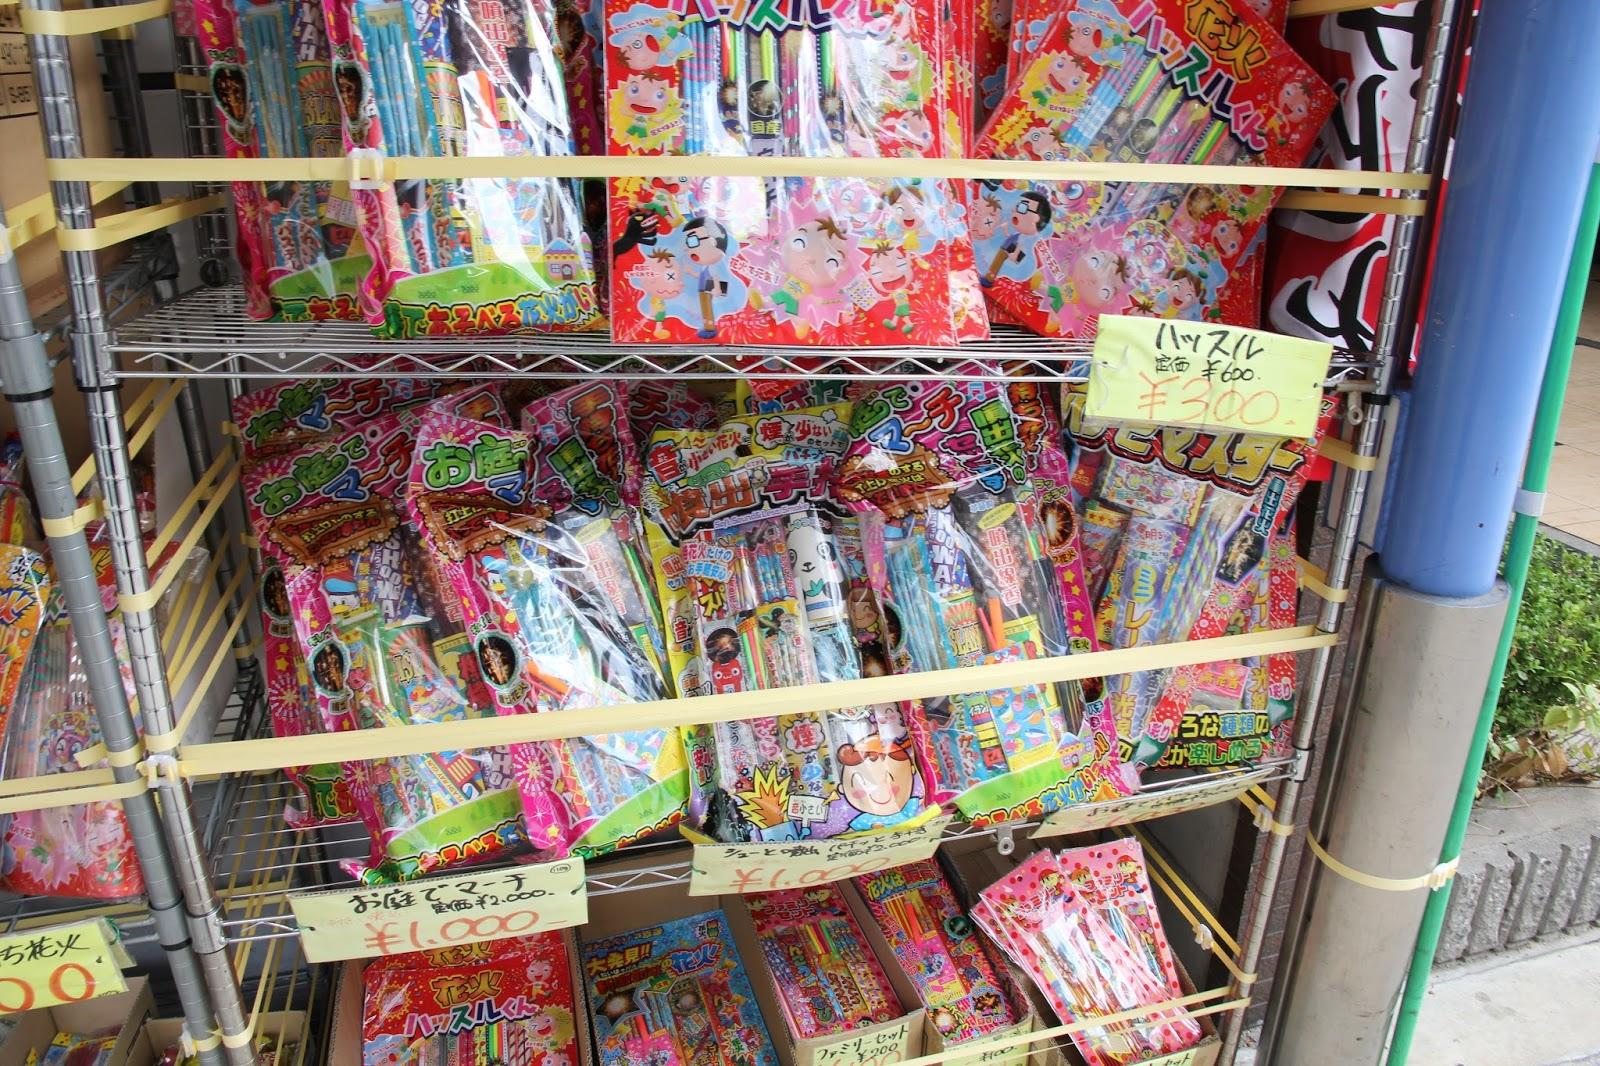 林公子生活遊記: [景點介紹] 大阪 玩具街 商店街 ,最低下殺1.5折起! – 蹦啾♥謝蘿莉 La ...